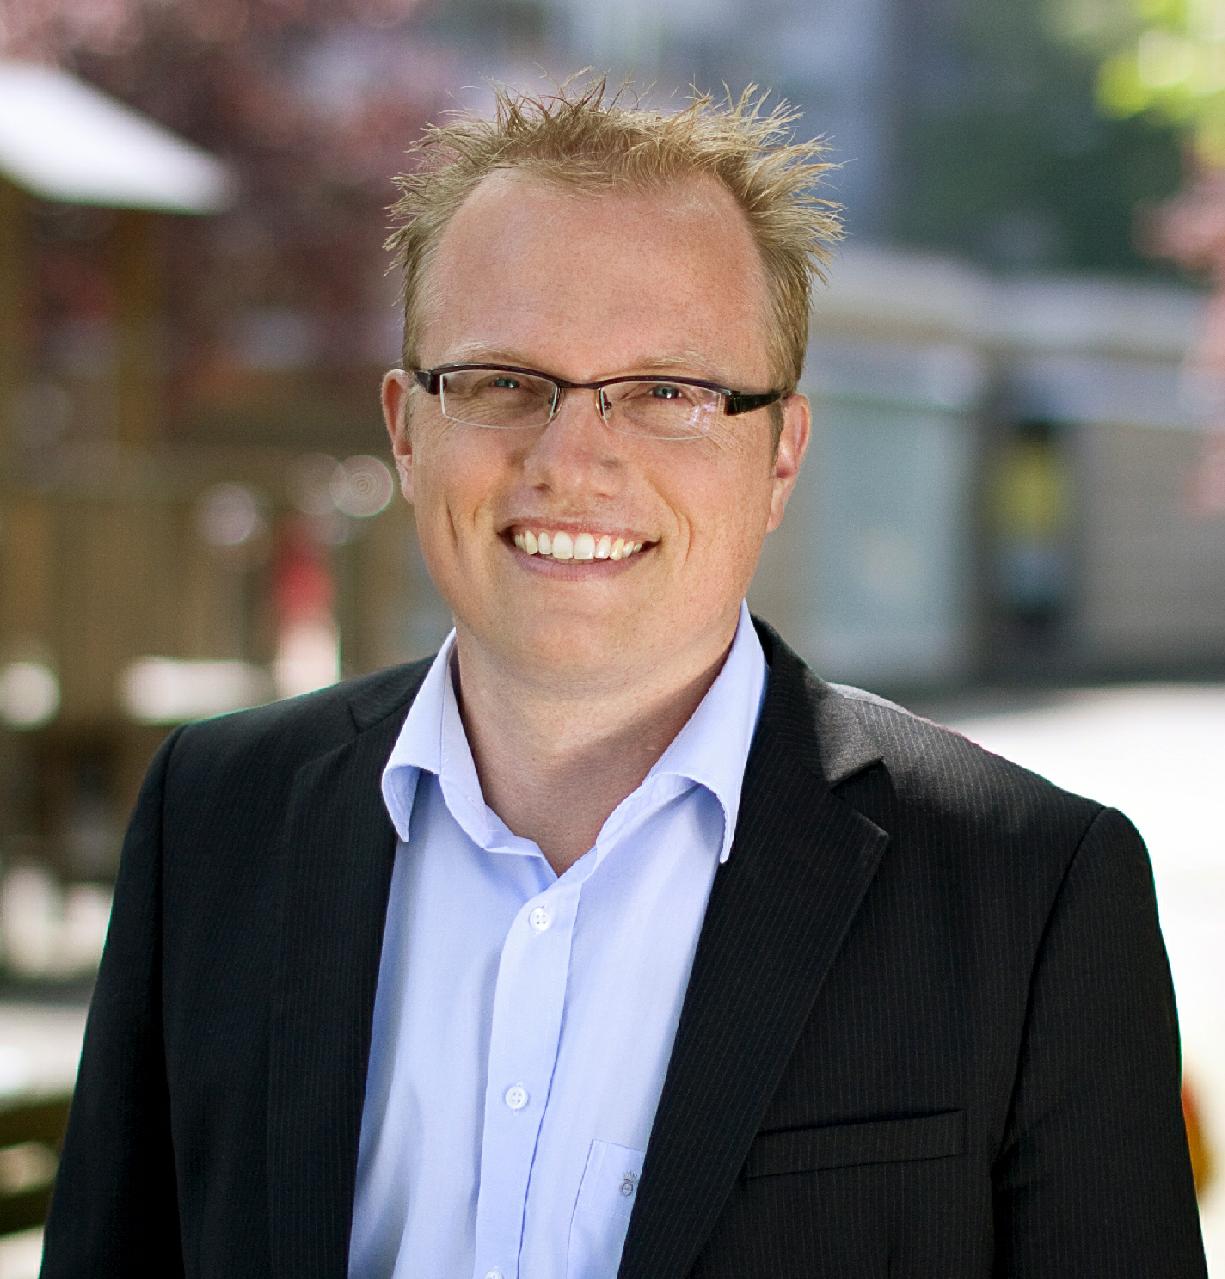 Jochen Ott, Parteivorsitzender der Köln SPD und stellvertretender Vorsitzender der SPD-Fraktion im Landtag NRW